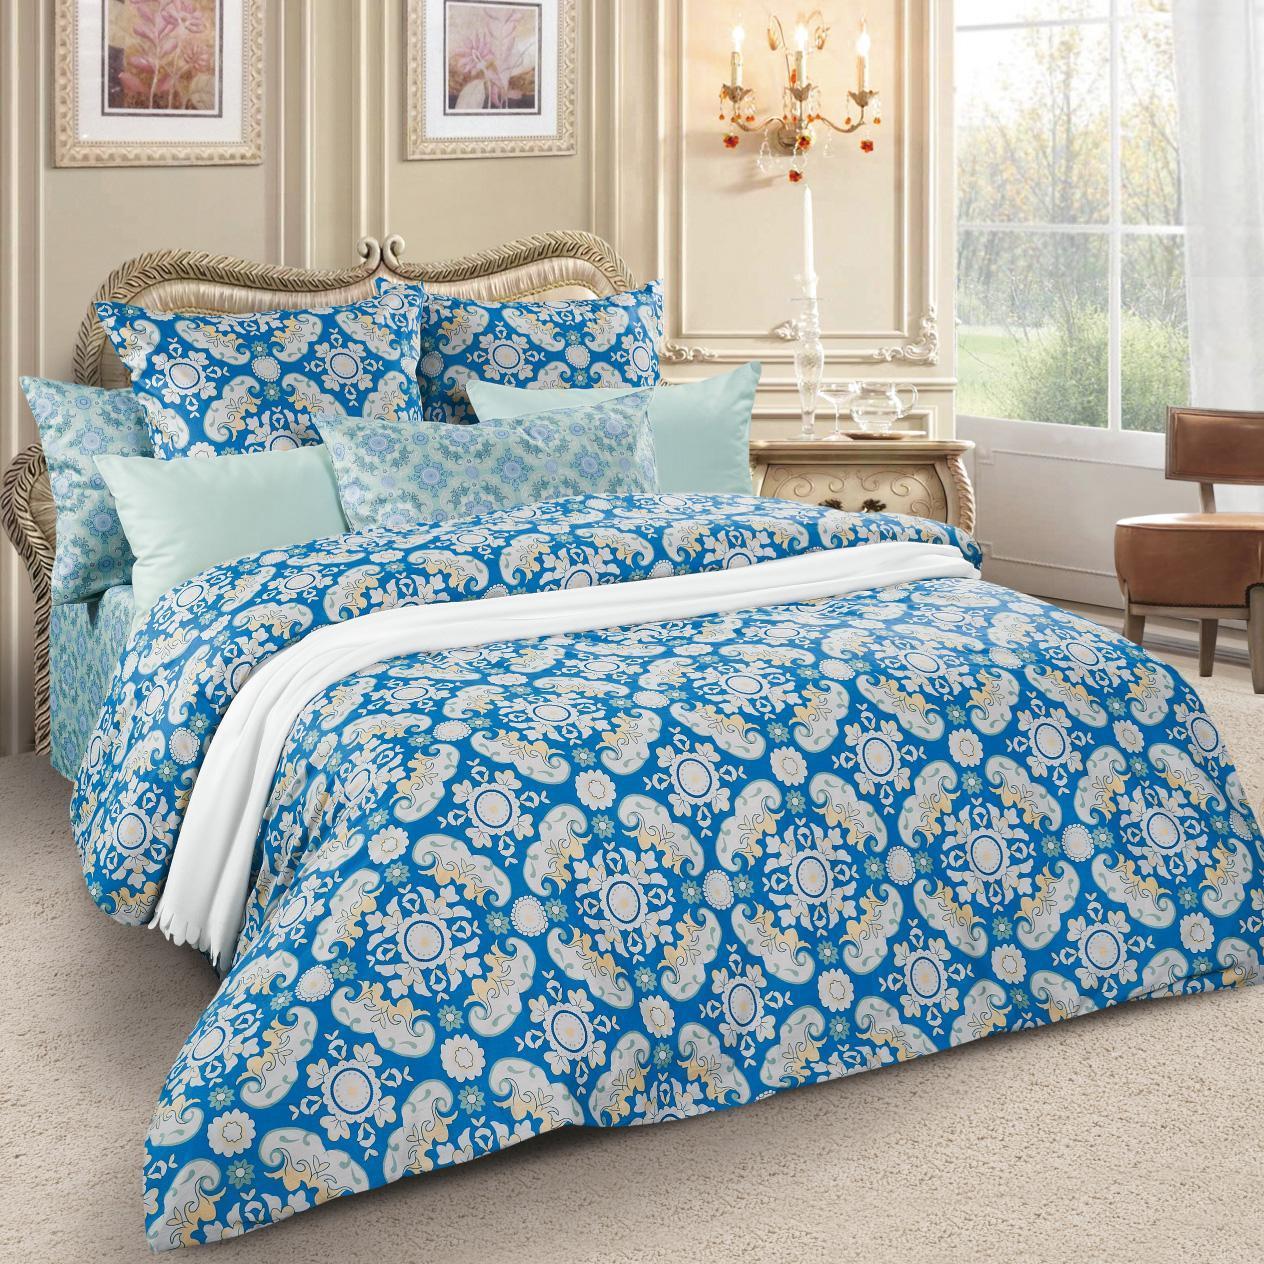 Комплект белья Letto, 1,5-спальный, наволочки 70х70, цвет: синий. sm59-3sm59-3Спокойная классика в сатиновом исполнении - залог комфорта и гармонии цвета в вашей спальни. Дополните свою спальню актуальным принтом от европейских дизайнеров! Это отличный подарок любителям модных трендов в цвете и дизайне.Комплект выполнен из сатина, который заслужено считается благородной тканью для постельного белья. Сатину свойственна практичность, долговечность, мягкость и изысканный блеск, такая ткань прекрасно впитывает влагу во время сна, комфортна на ощупь и не требует особого ухода. Серия Letto Сатин – это современные дизайны в европейской стилистике, которые прекрасно дополнят Вашу спальню. Обращаем внимание, что наволочки могут отличаться от представленных на фотографии. Также может отличаться и оттенок комплекта из-за разницы в цветопередаче мониторов.